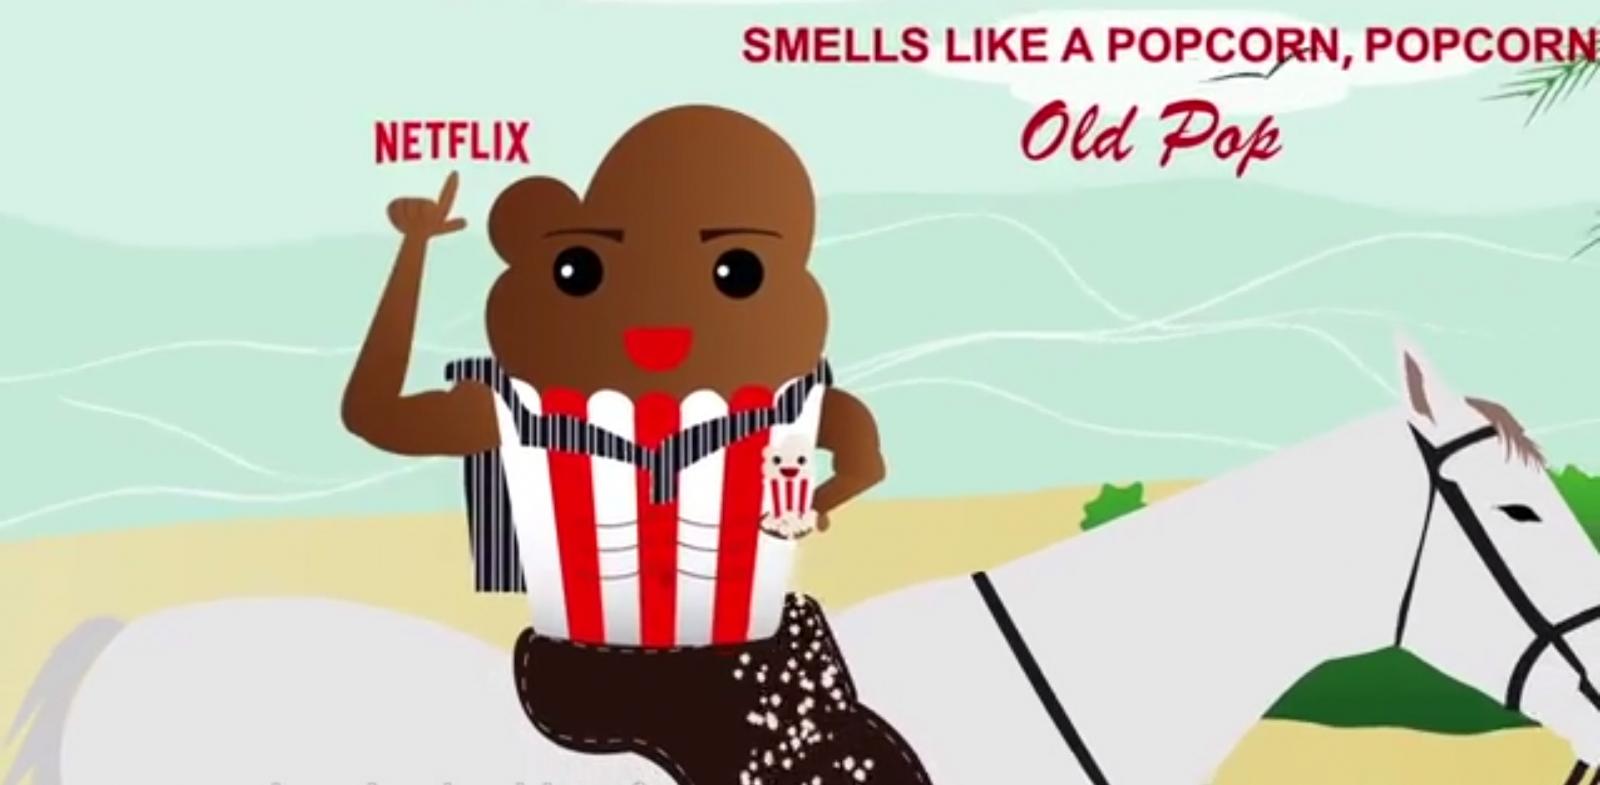 Popcorn Time vs Netflix